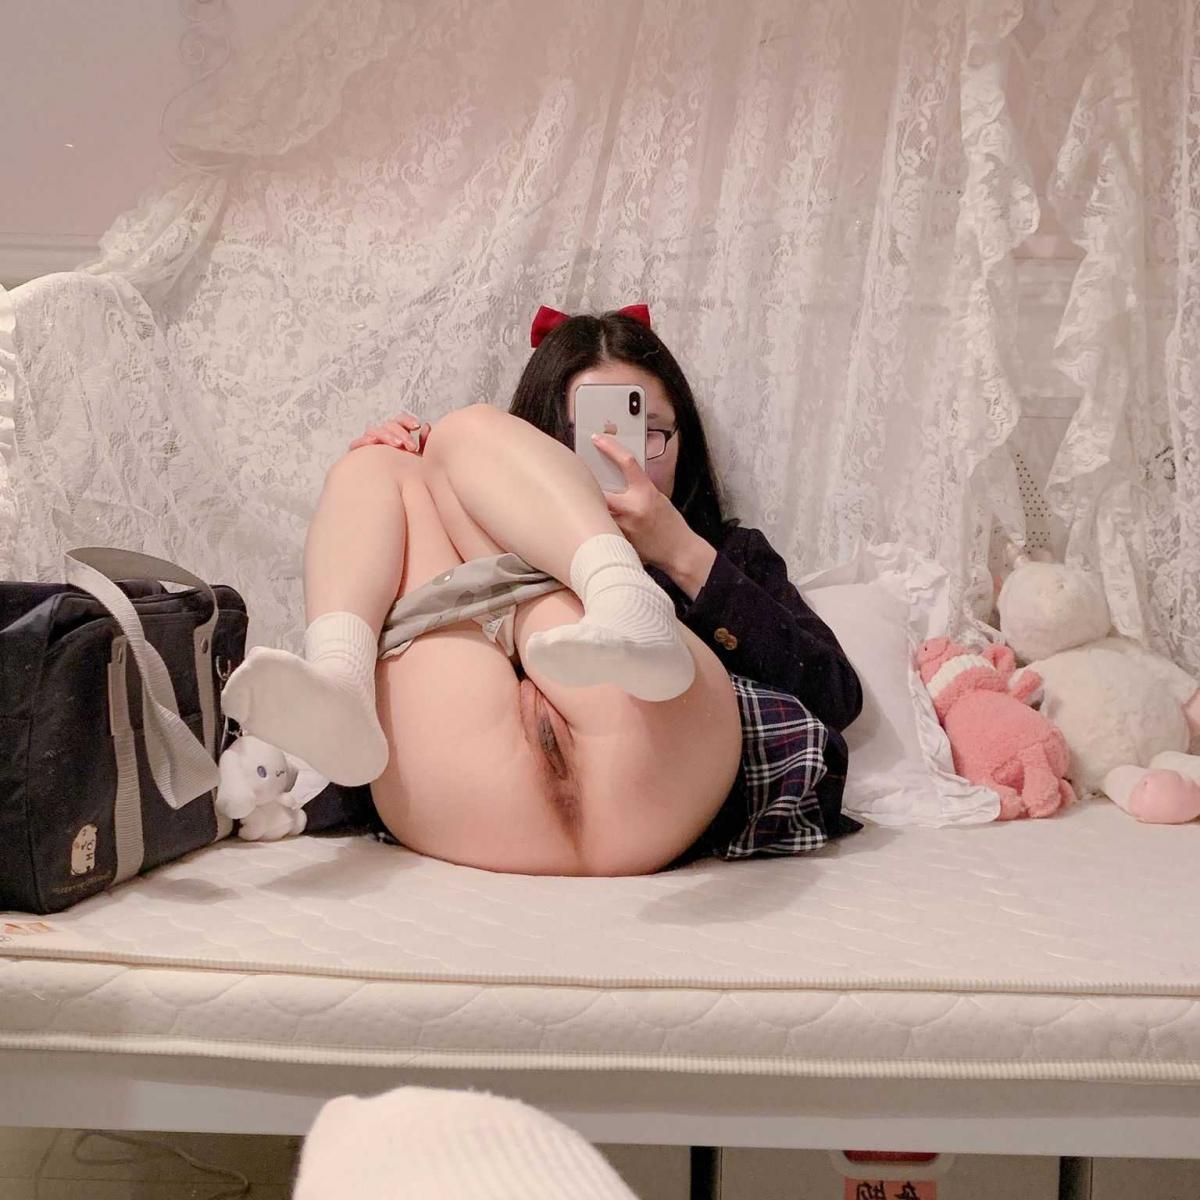 [萌兰酱] demon girl - (78P)